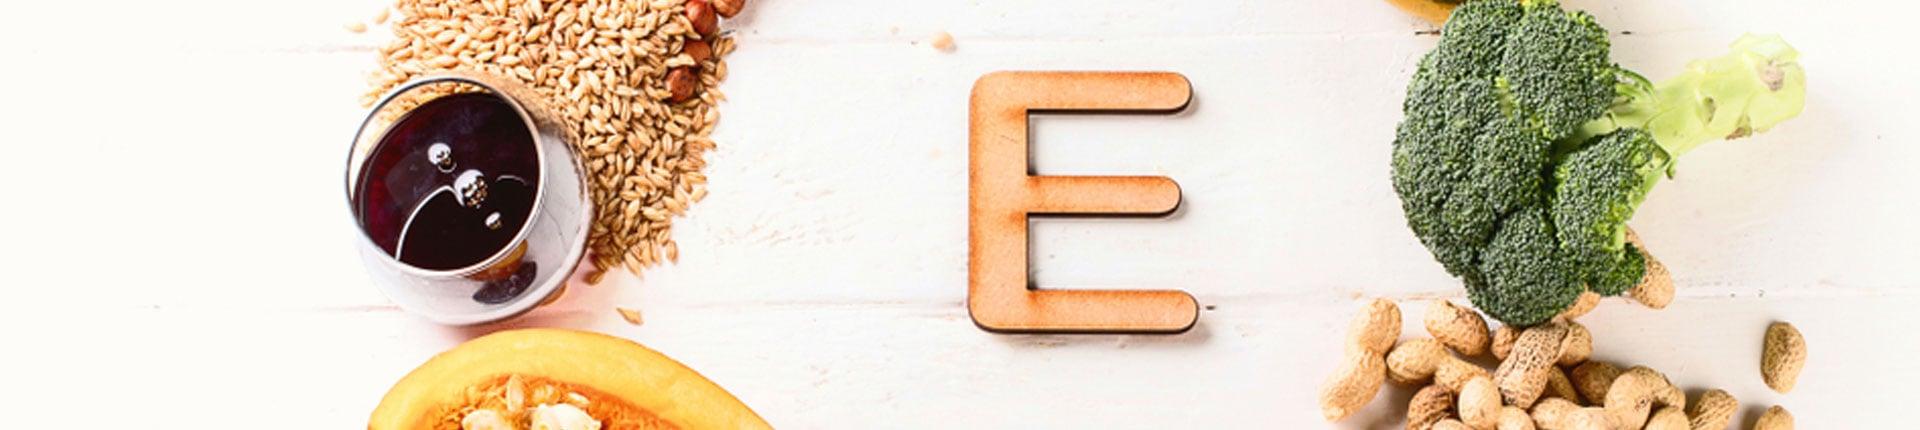 Najlepsza witamina E - jaką witaminę E wybrać?